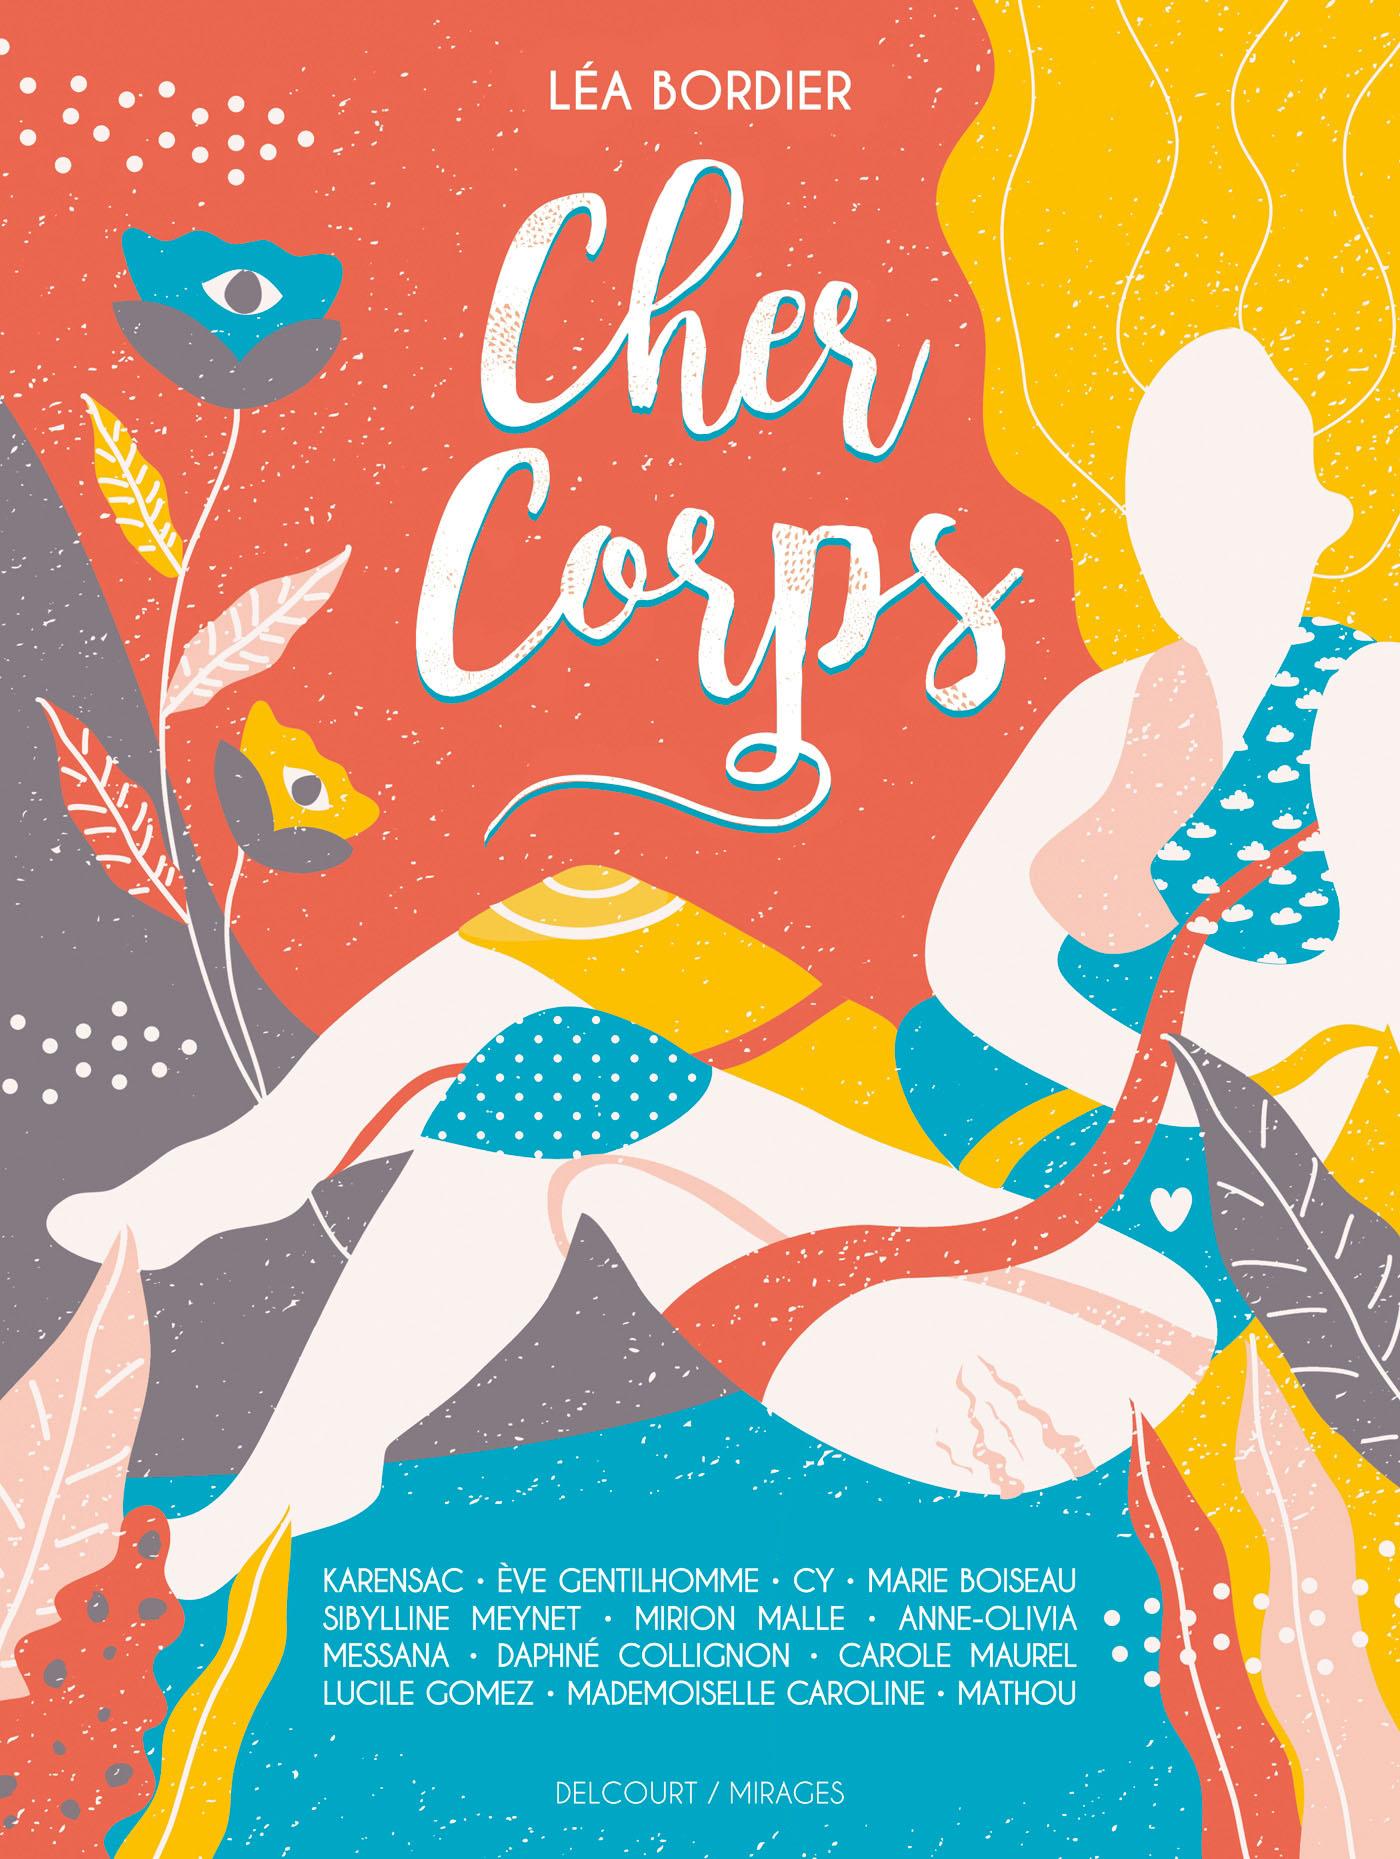 cher-corps-lea-bordier-lyv